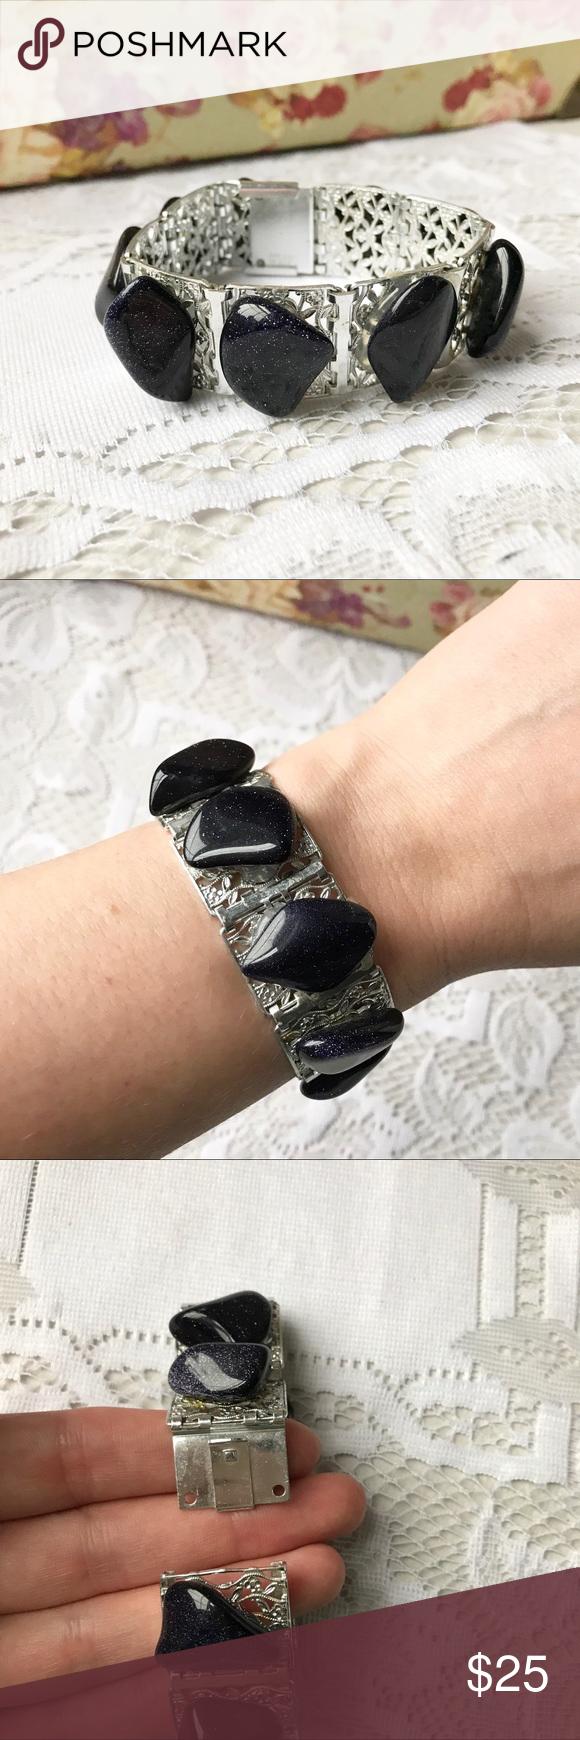 Purple Stone Bracelet Beautiful silver tone bracelet with shimmering deep purple stones. Jewelry Bracelets